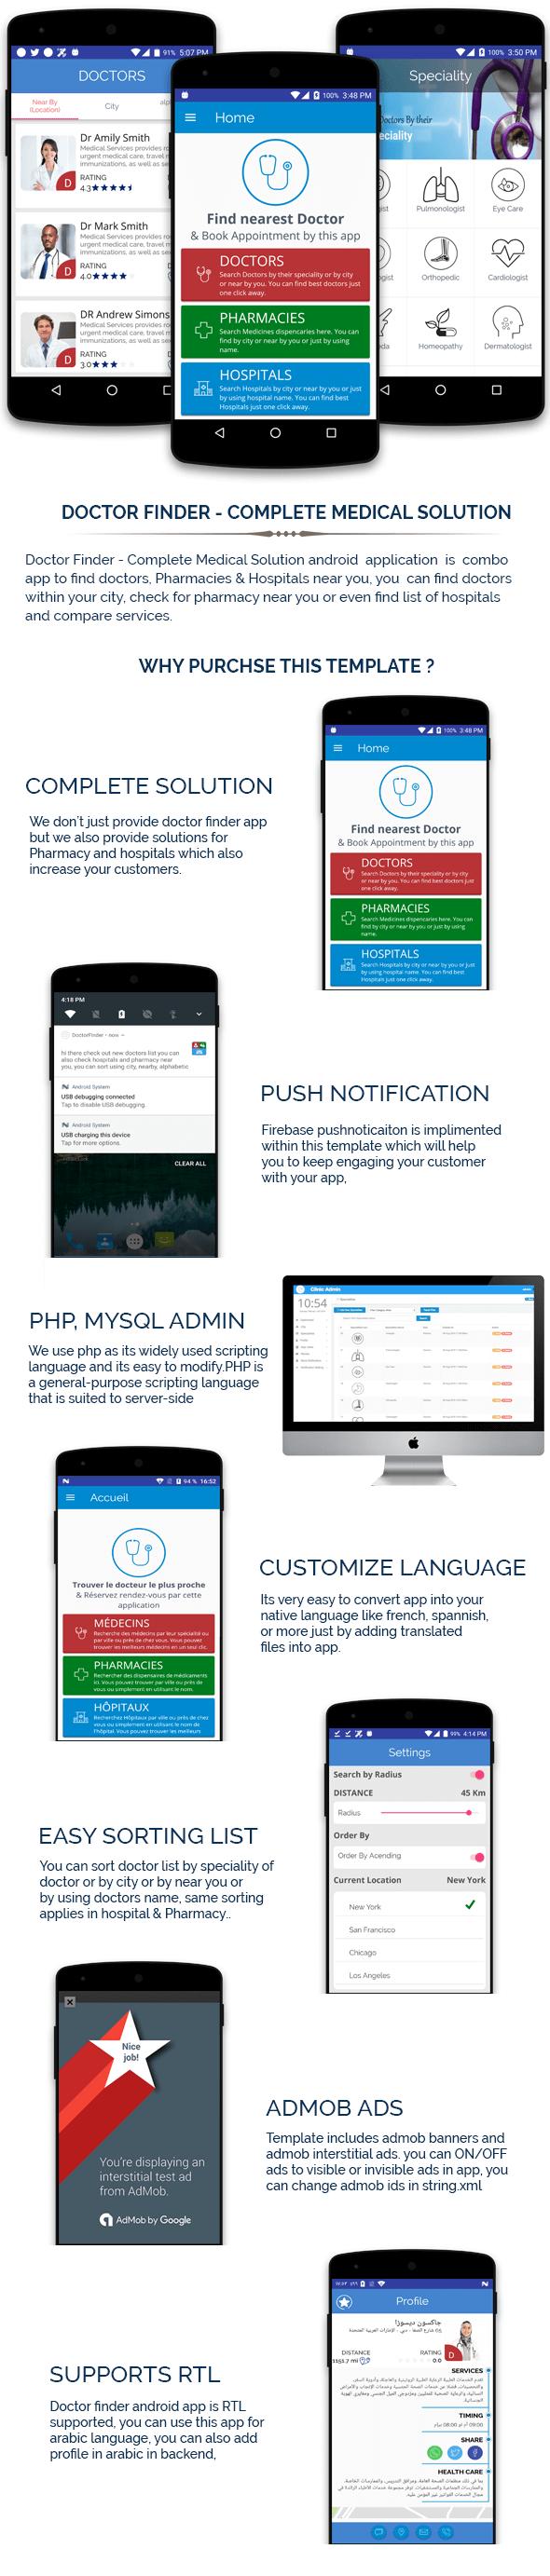 Doctor Finder - Application Android de solution médicale complète - 1